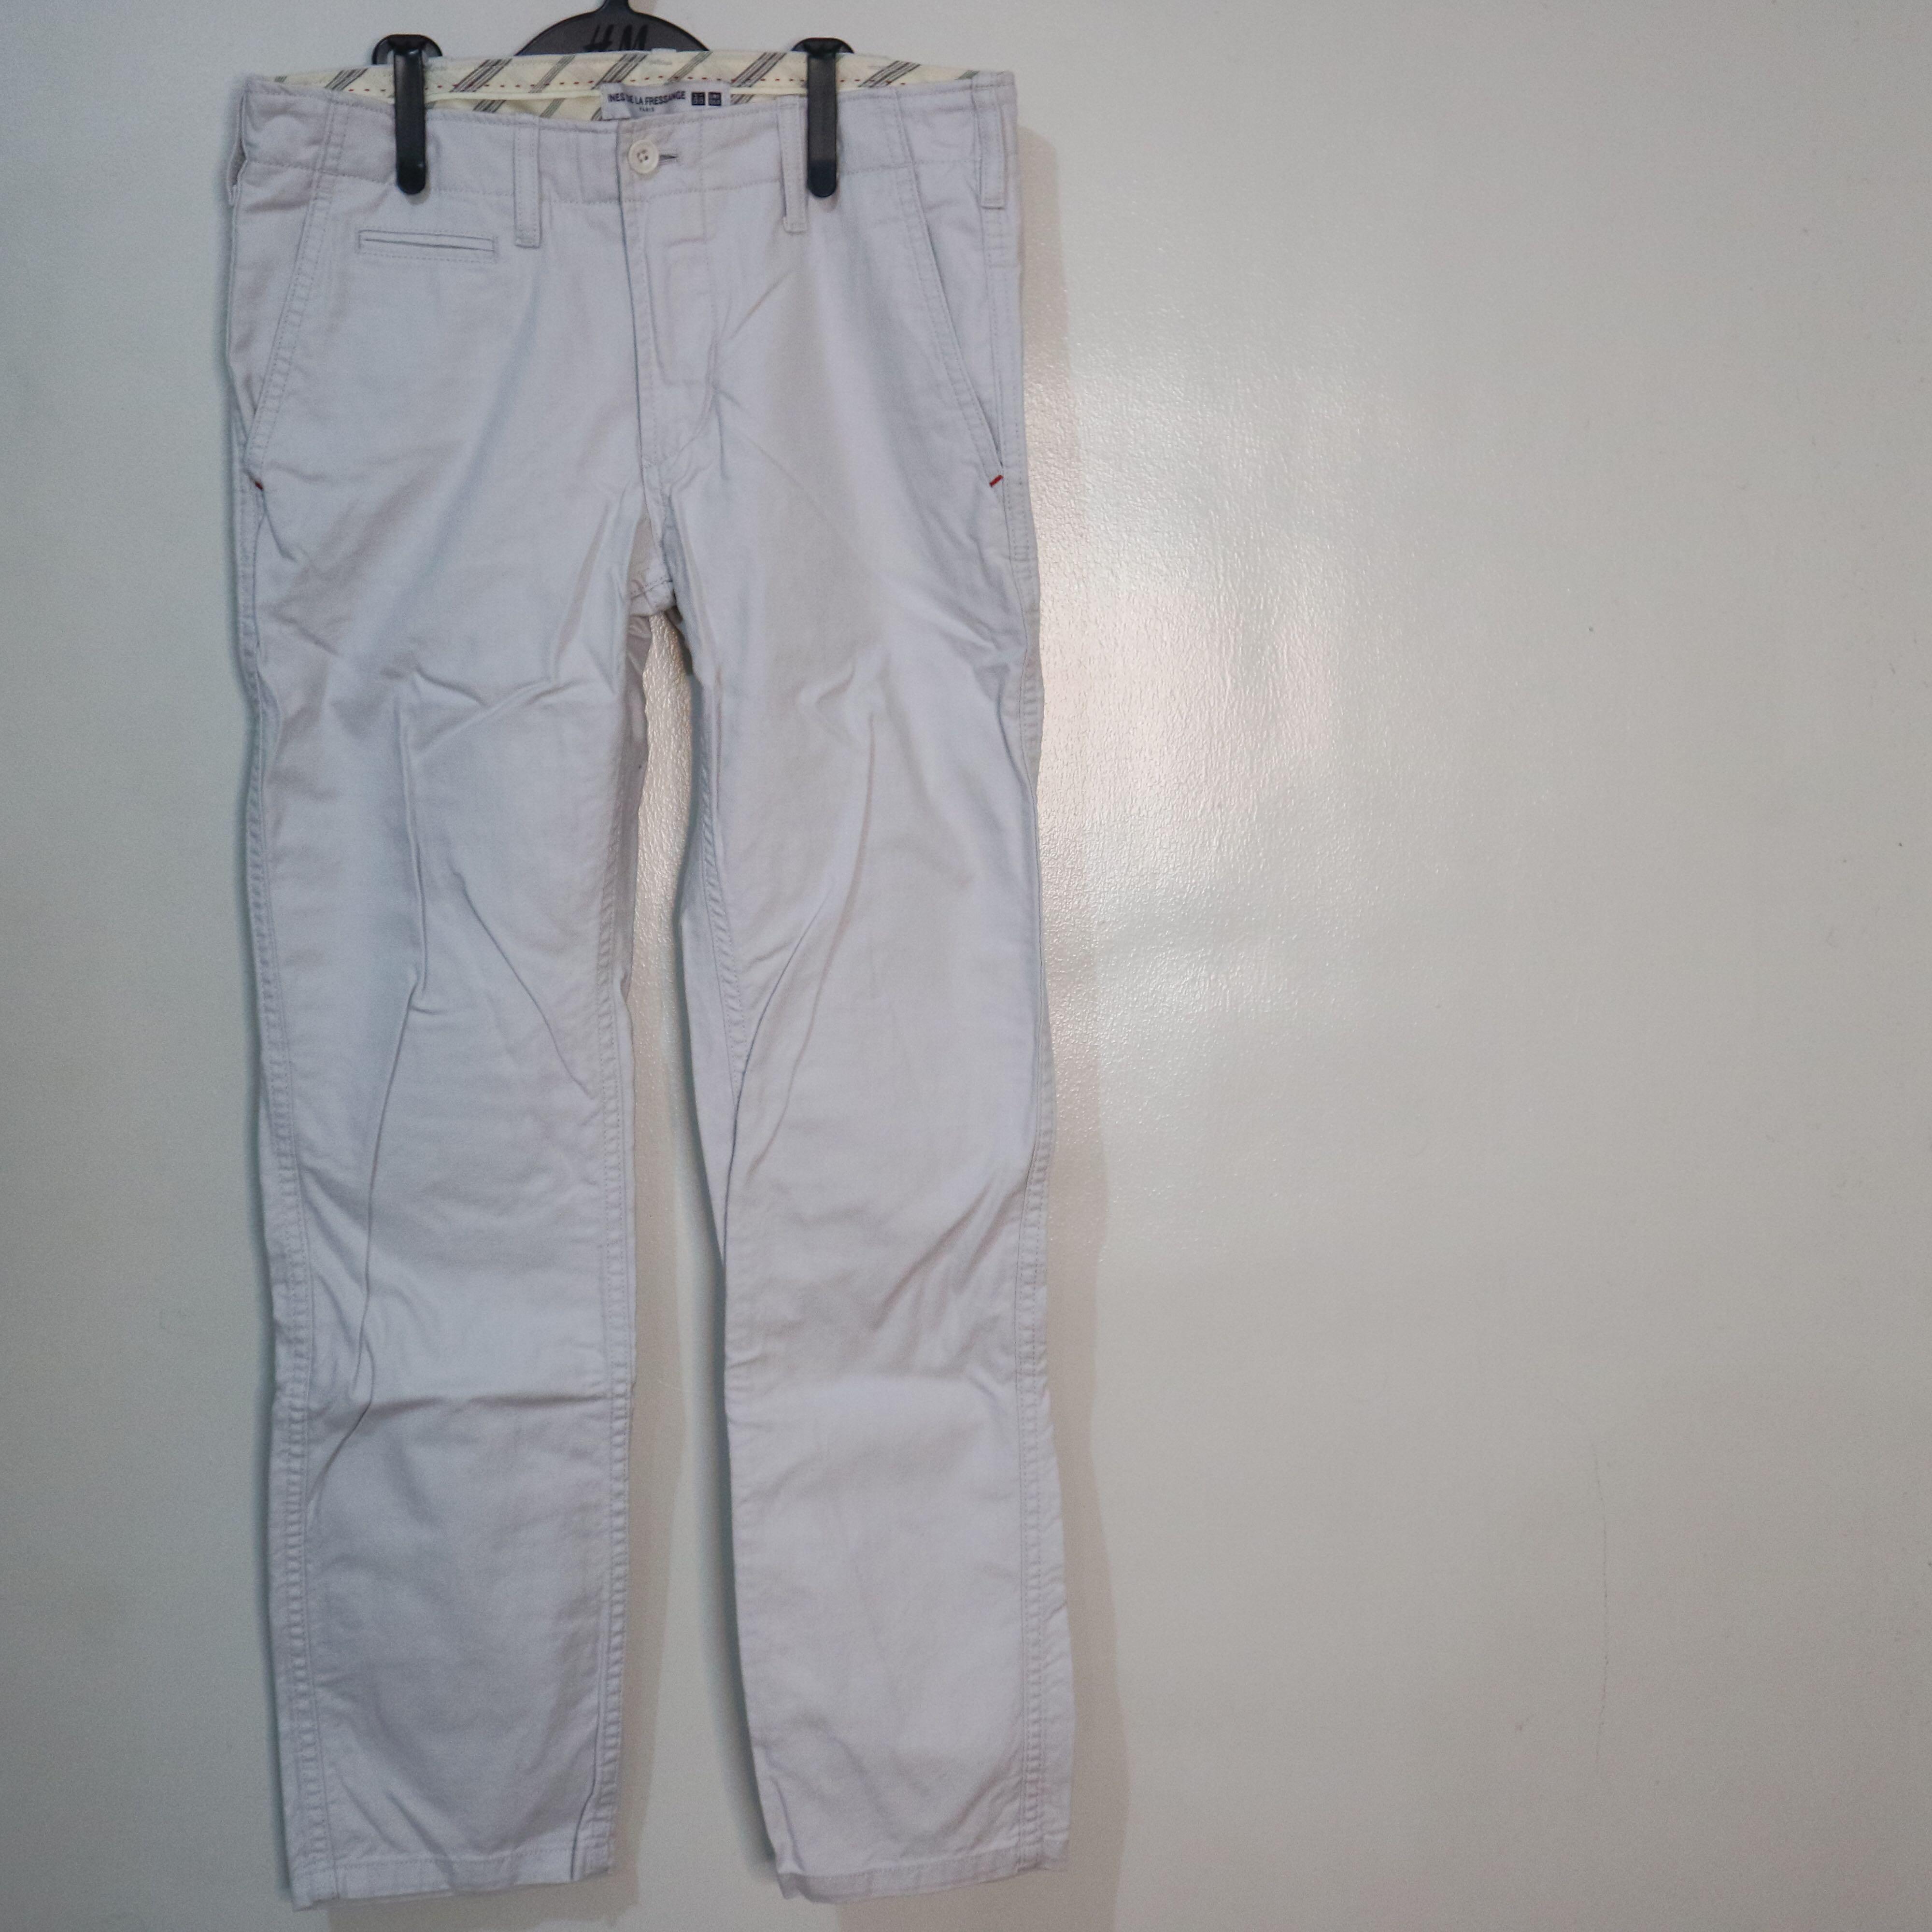 Uniqlo Trousers - Cream